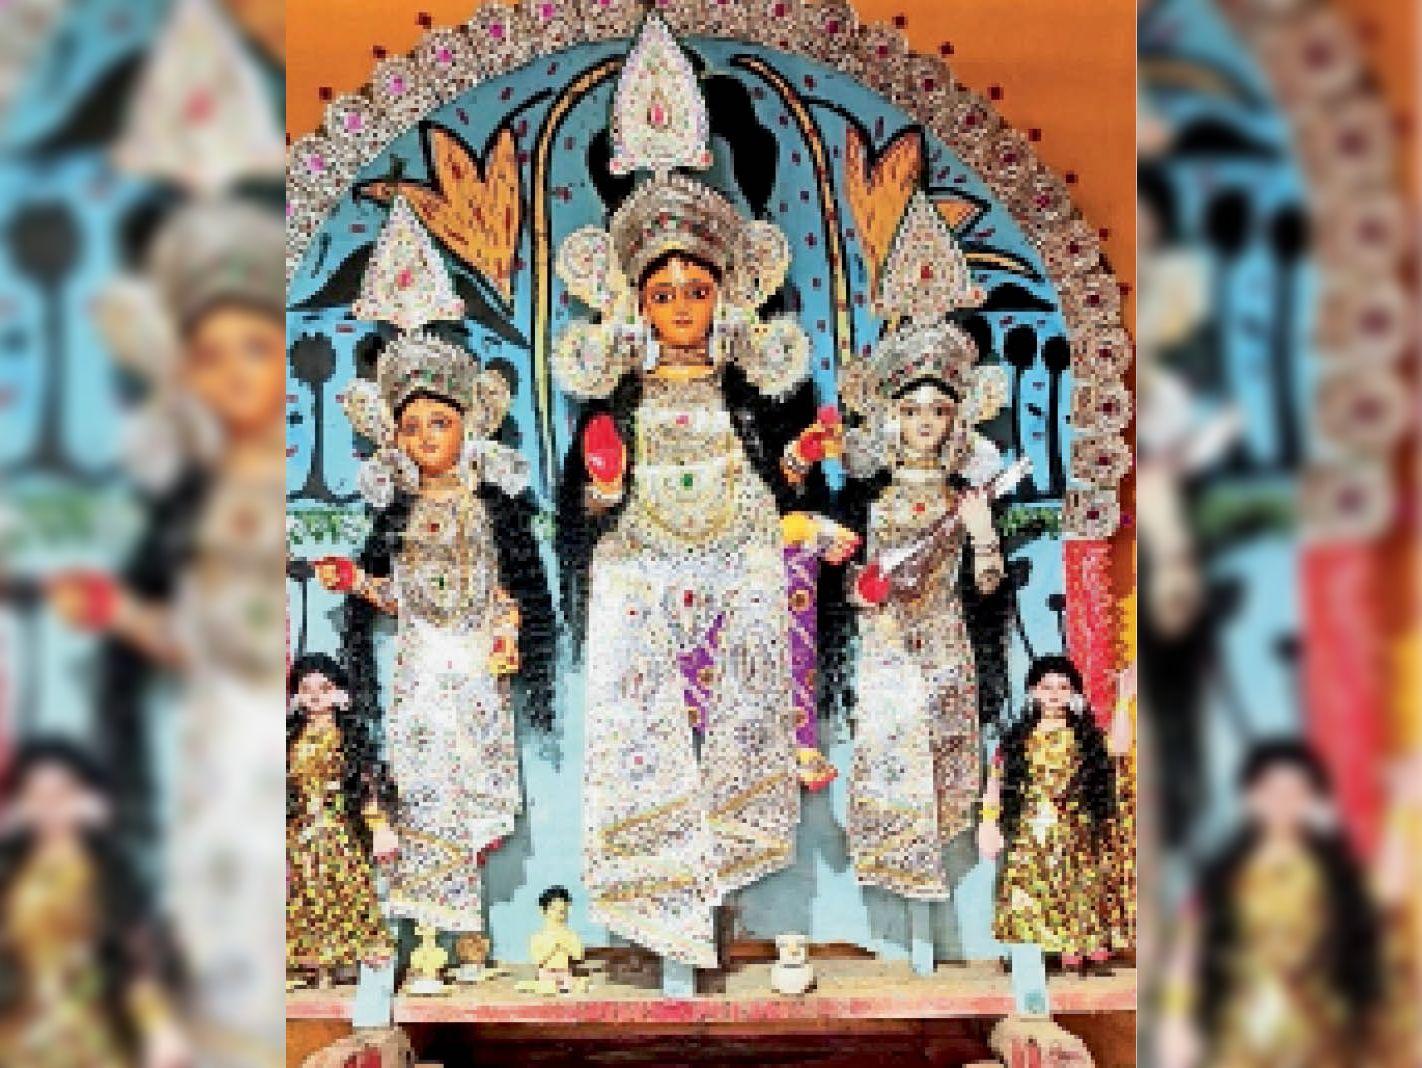 जिले में लक्खी पूजा की धूम, ग्रामीणों में उत्साह मुरलीपहाड़ी,Murlipahari - Dainik Bhaskar